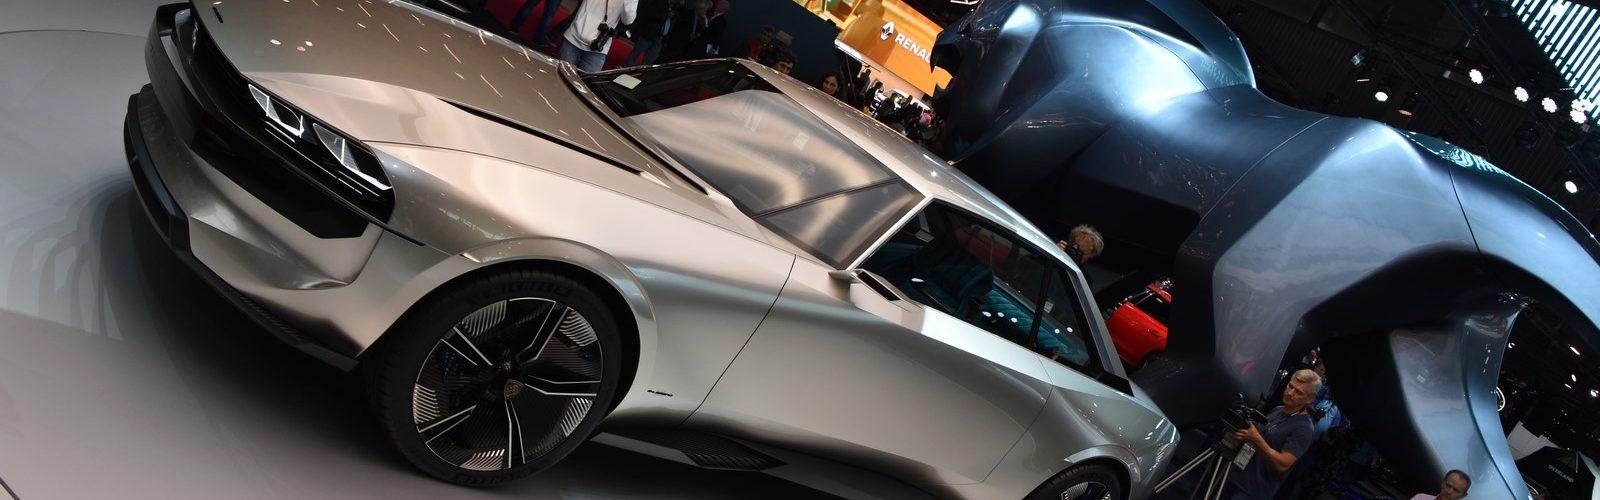 Mondial Paris 2018 Peugeot e legend Concept 15